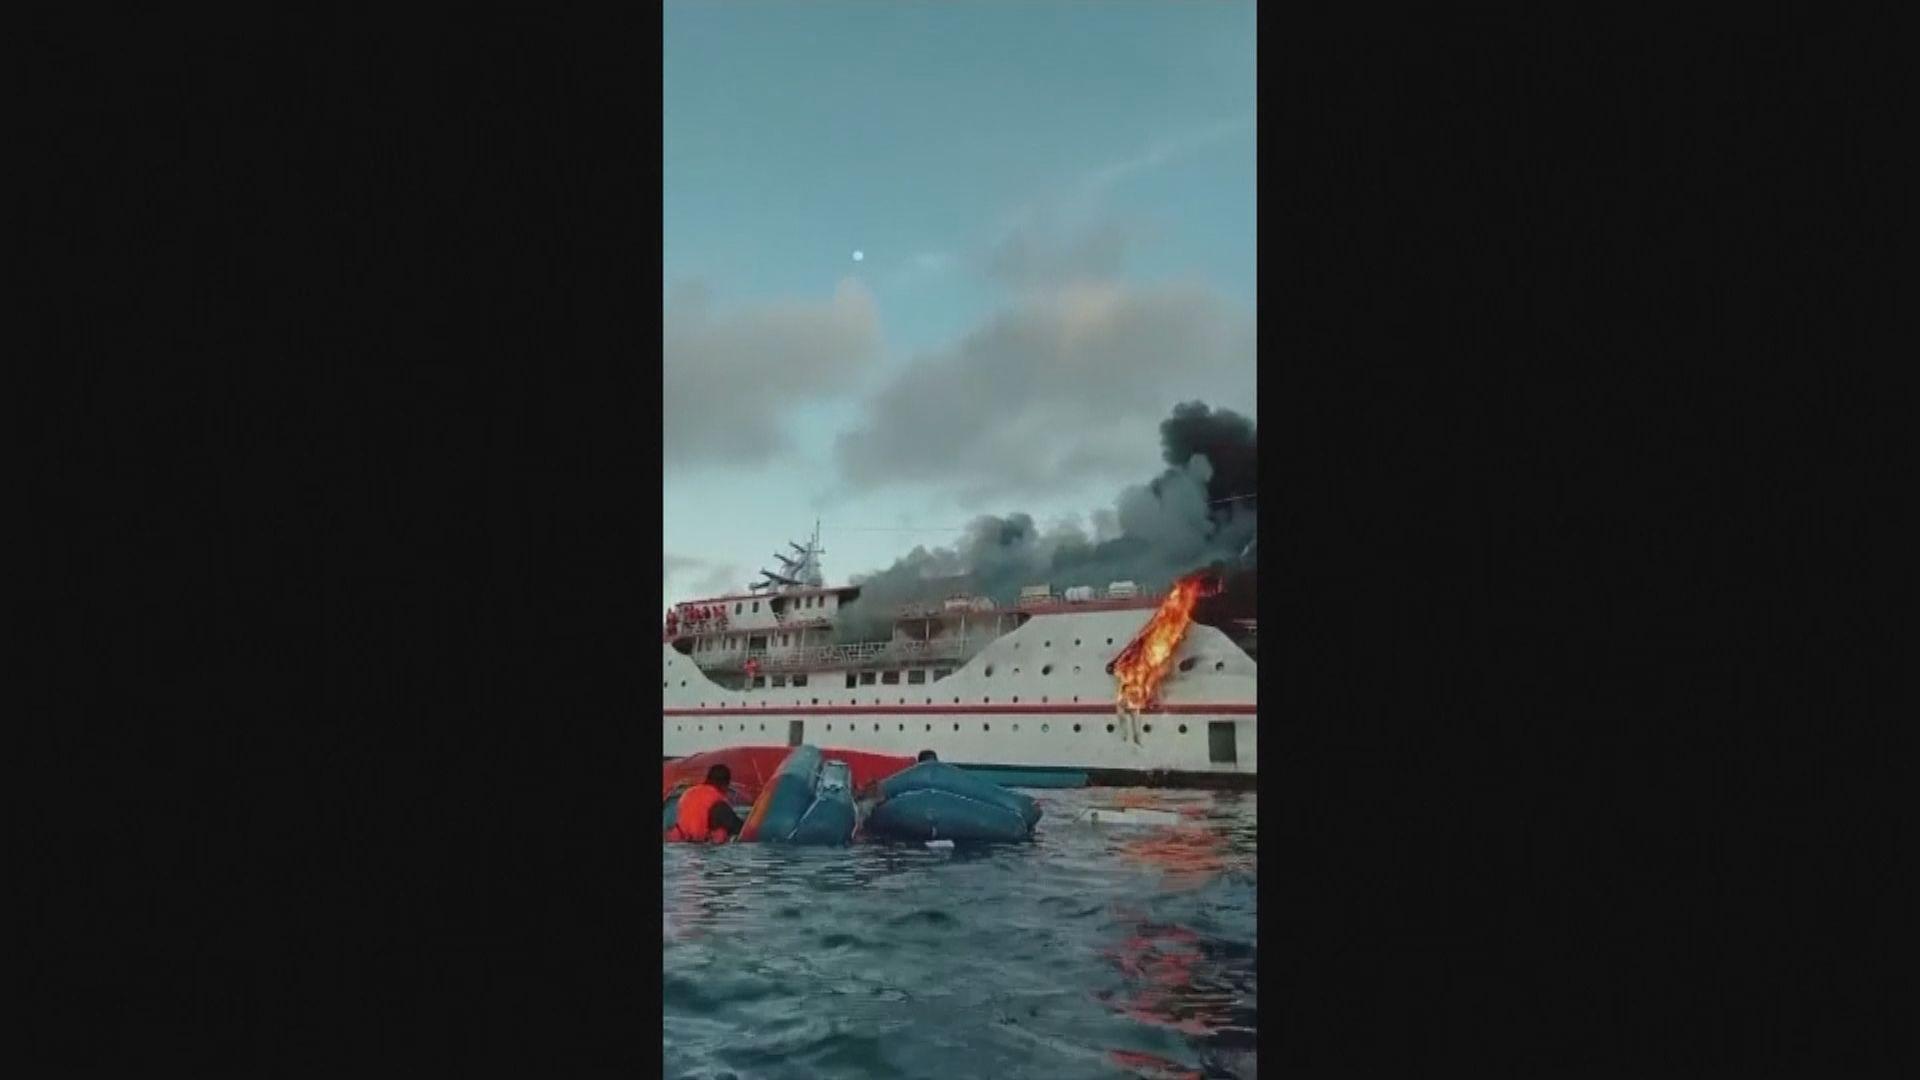 印尼渡輪起火 近200人獲救